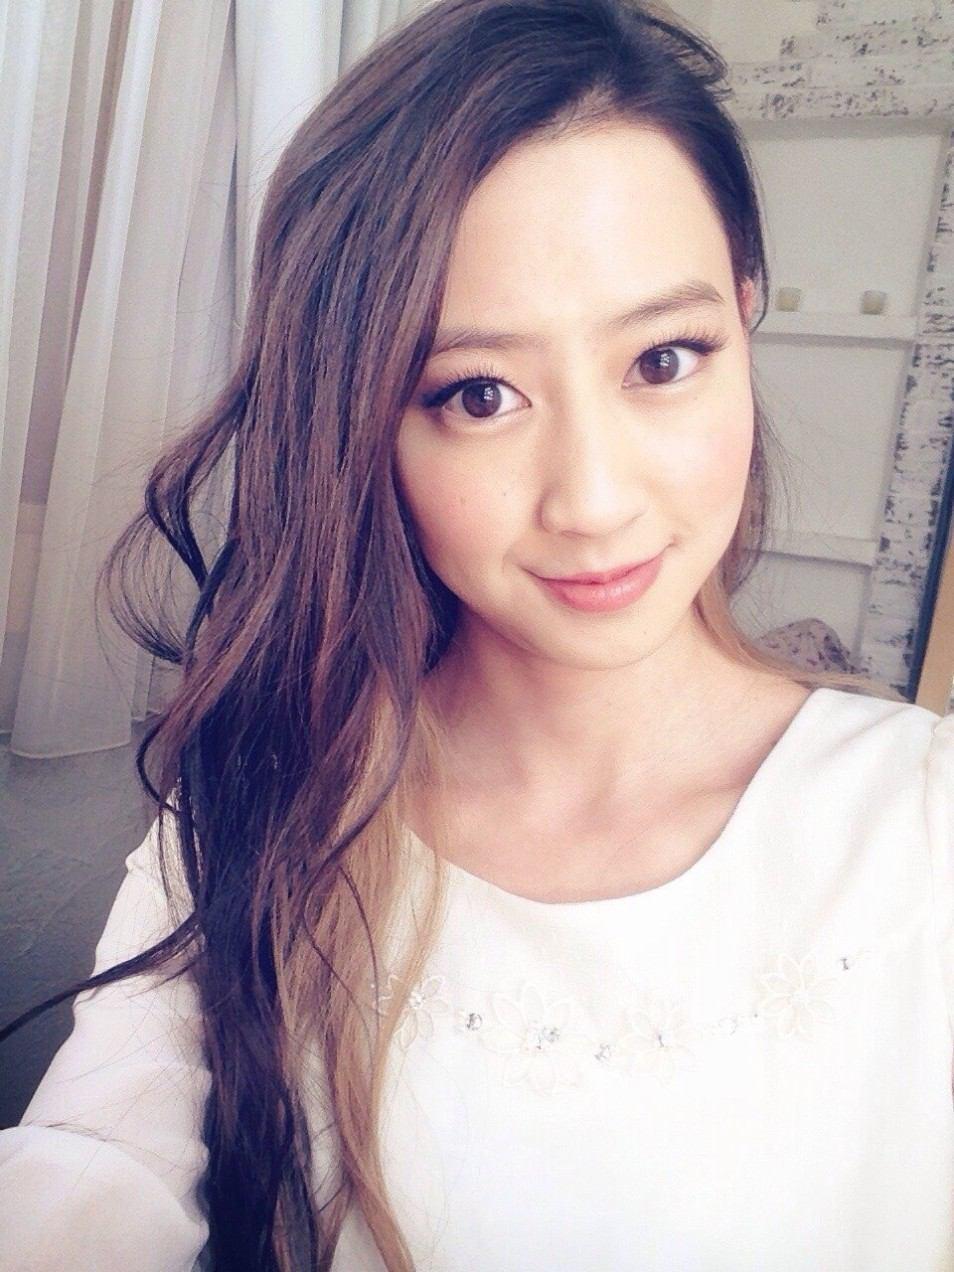 【国民的美少女】河北麻友子はかつての海老蔵の愛人だった!?のサムネイル画像